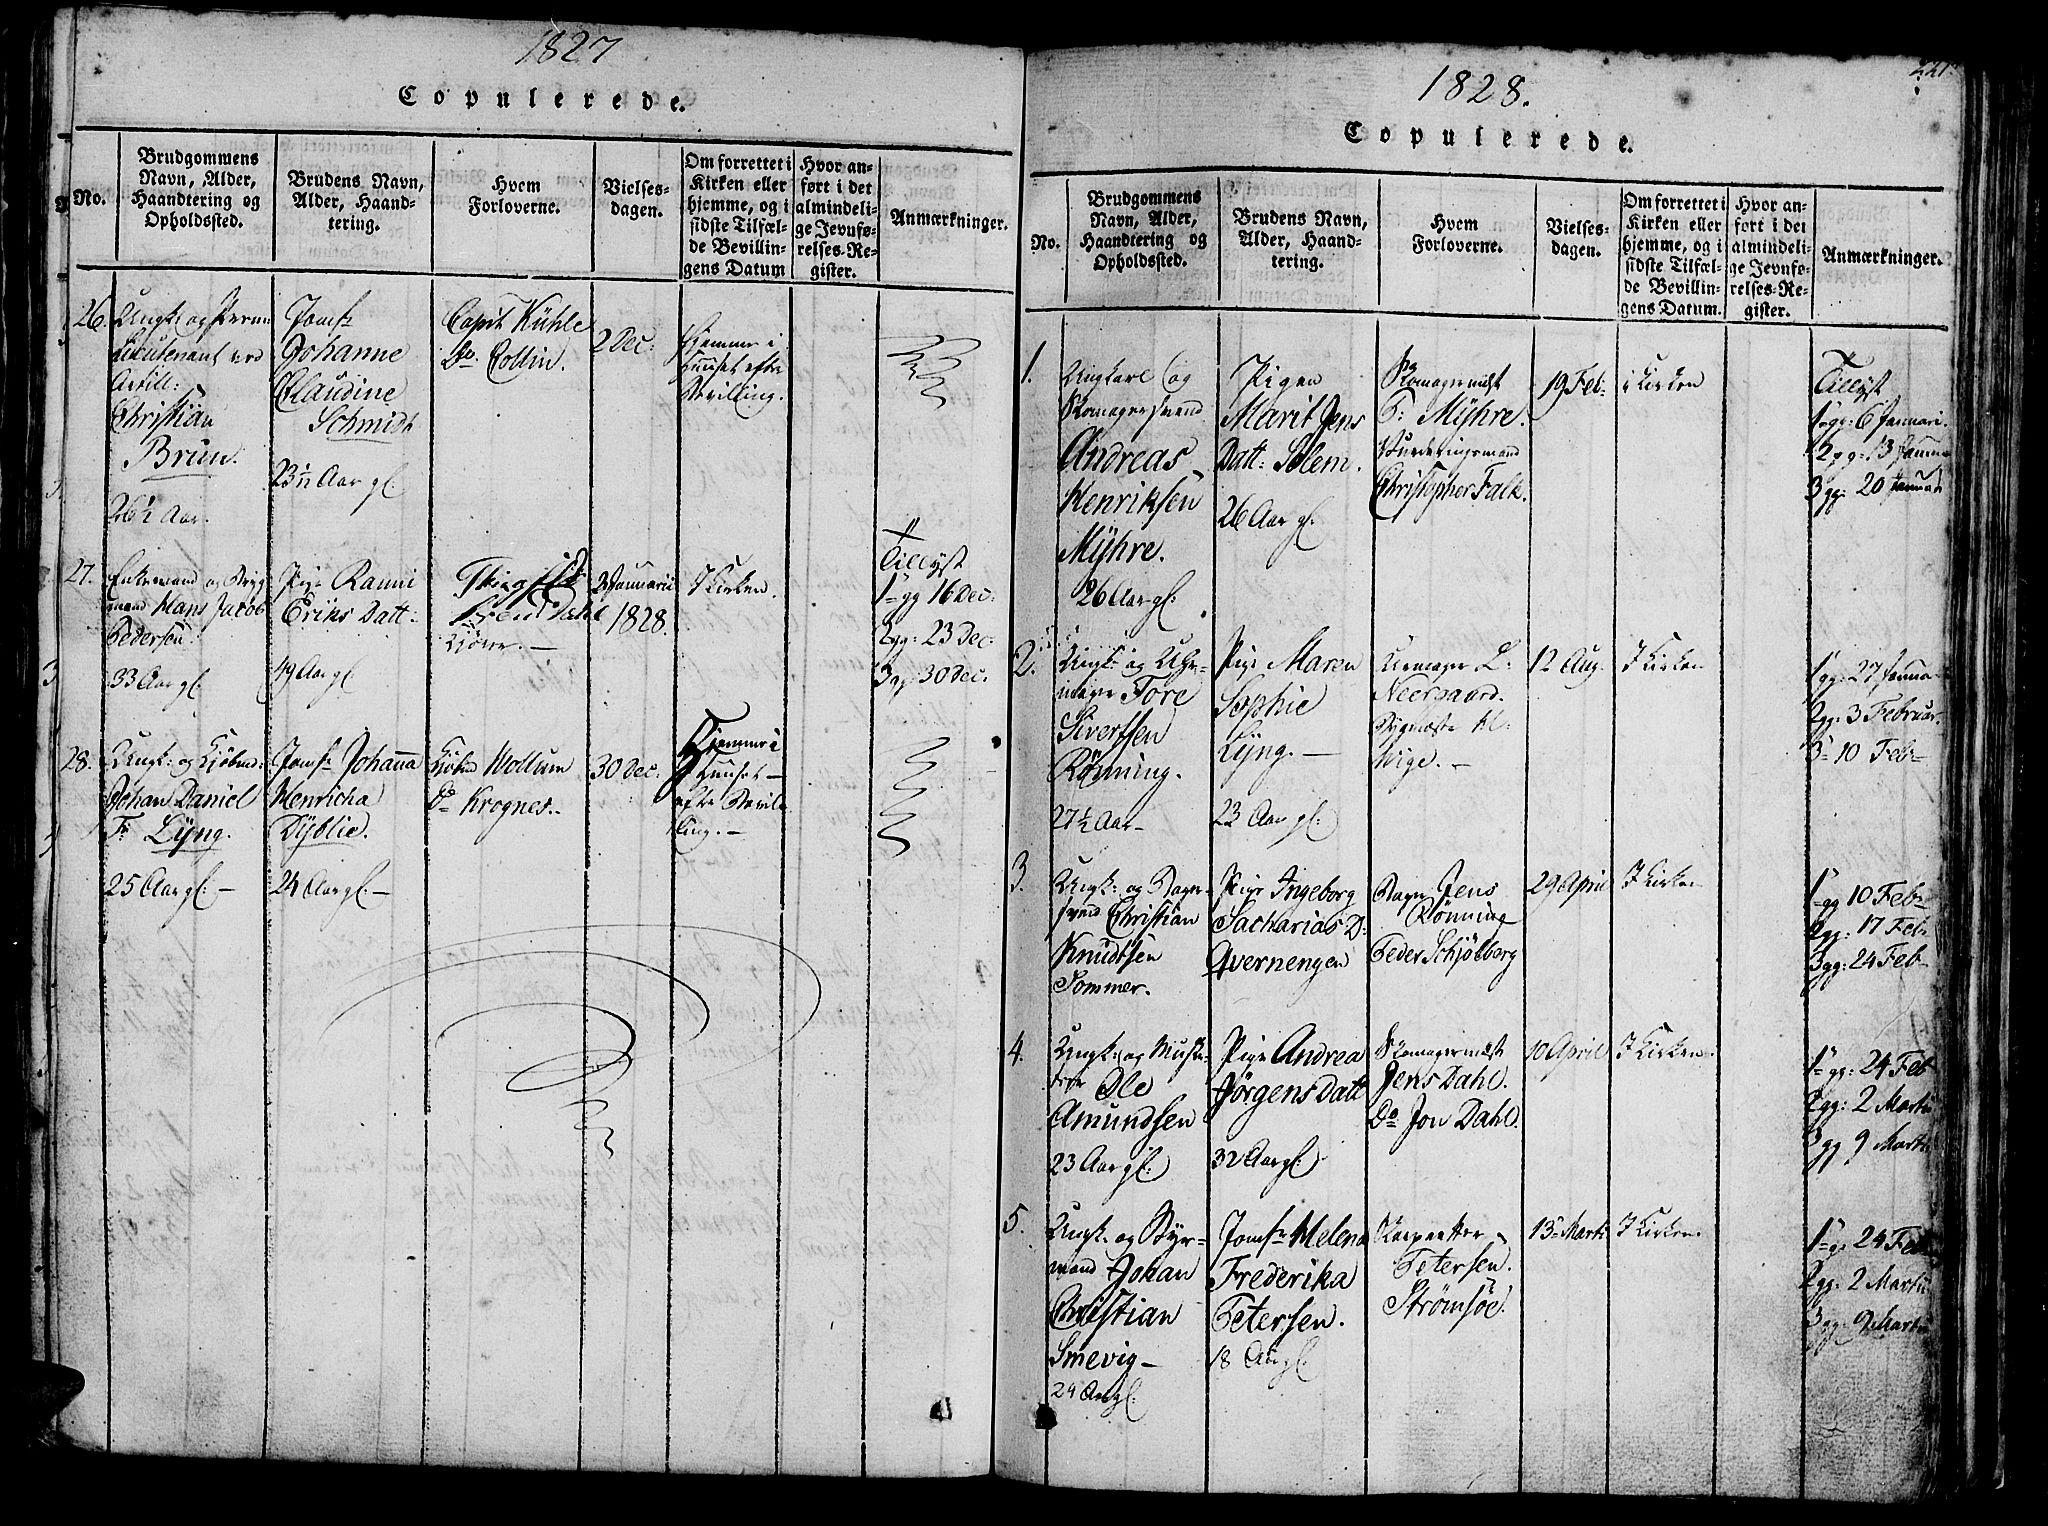 SAT, Ministerialprotokoller, klokkerbøker og fødselsregistre - Sør-Trøndelag, 602/L0135: Klokkerbok nr. 602C03, 1815-1832, s. 221